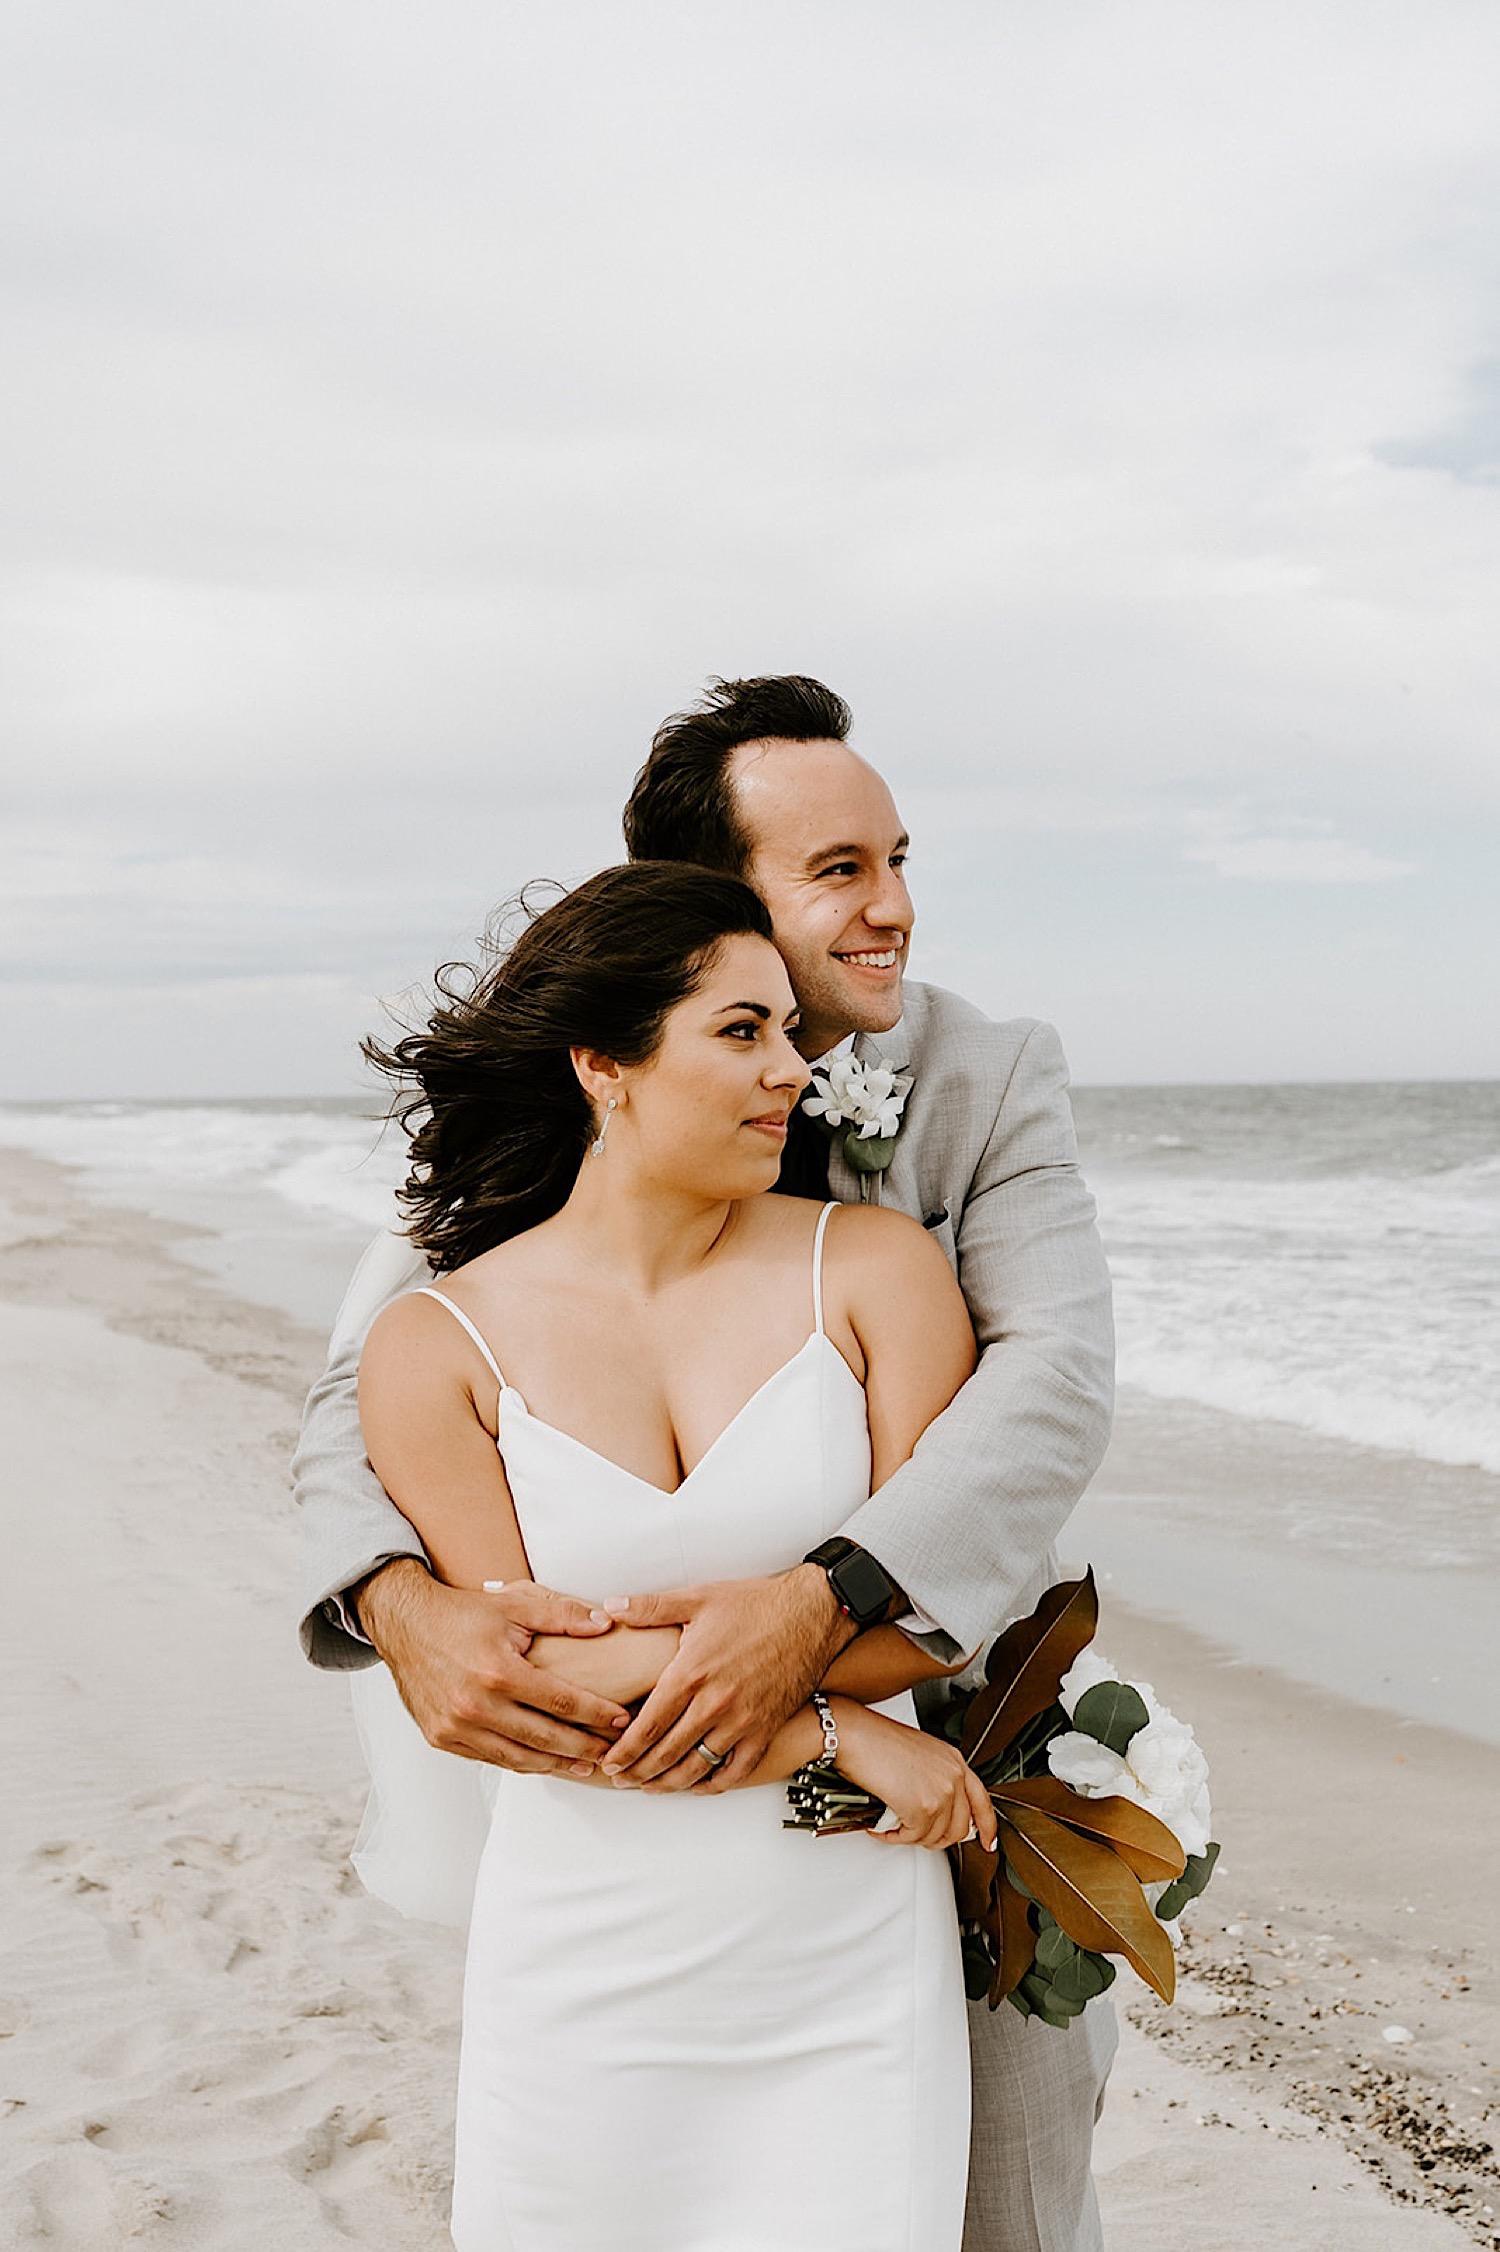 132 Sea Bright Wedding Beach Wedding Photos New Jersey Shore Wedding Nj Wedding Photographer Beach Elopement Photos